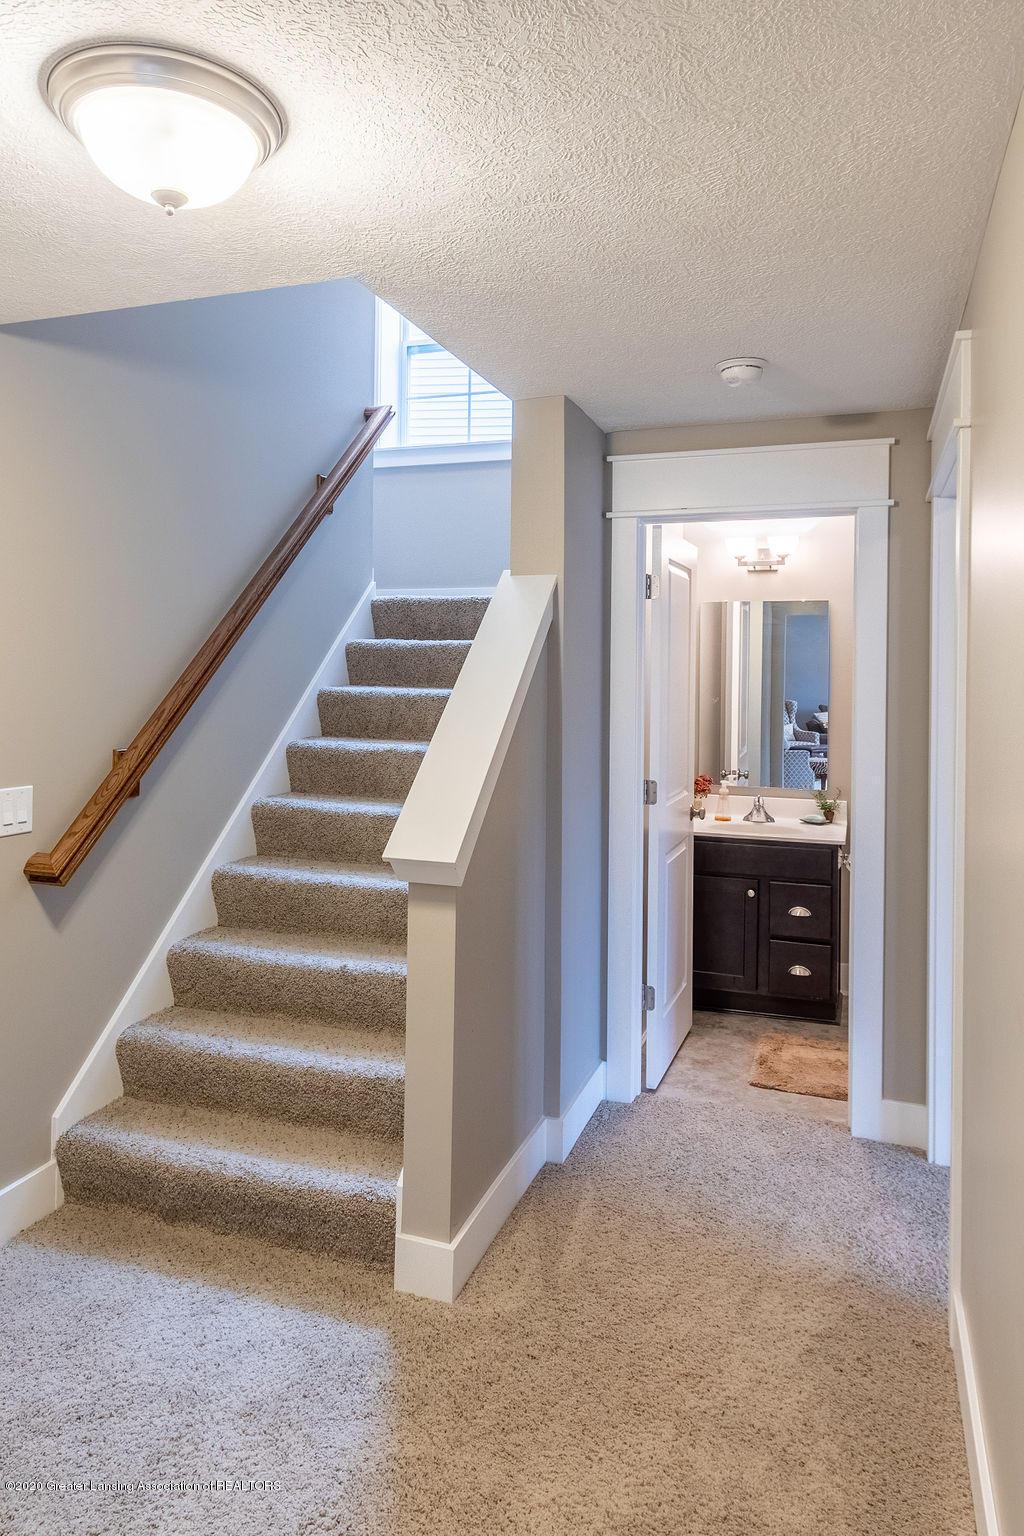 4145 Benca Cir - Stairway to Second Floor - 20